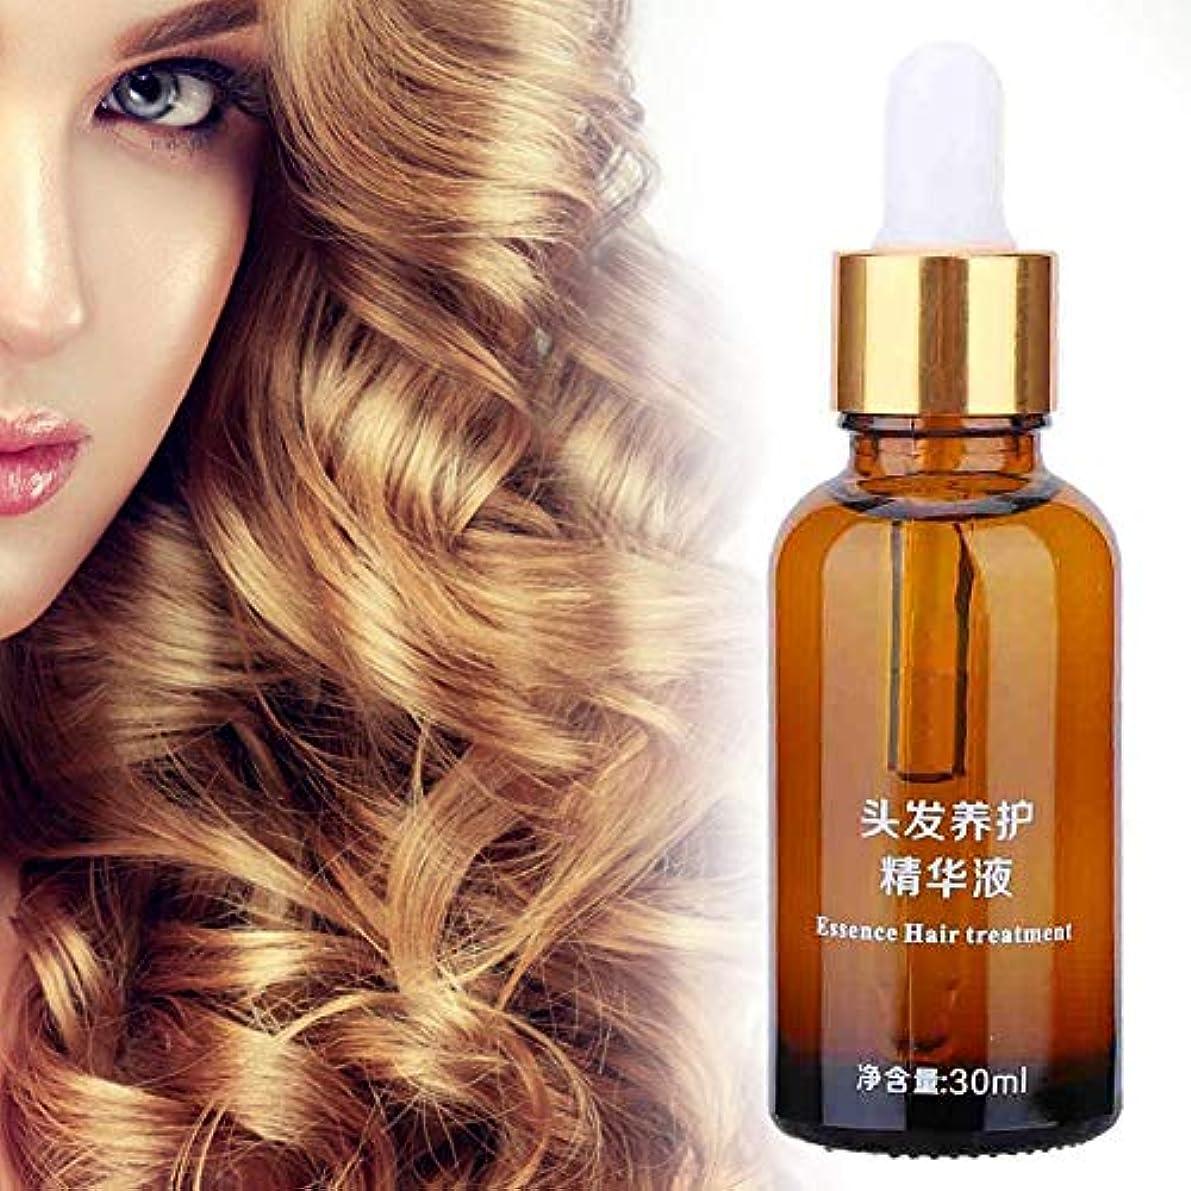 マスタード頬骨ご意見ヘアエッセンシャルオイル、頭皮の養毛を強化する毛根の乾燥によるダメージを減らしますヘアリペアエッセンシャル液体30ミリリットル